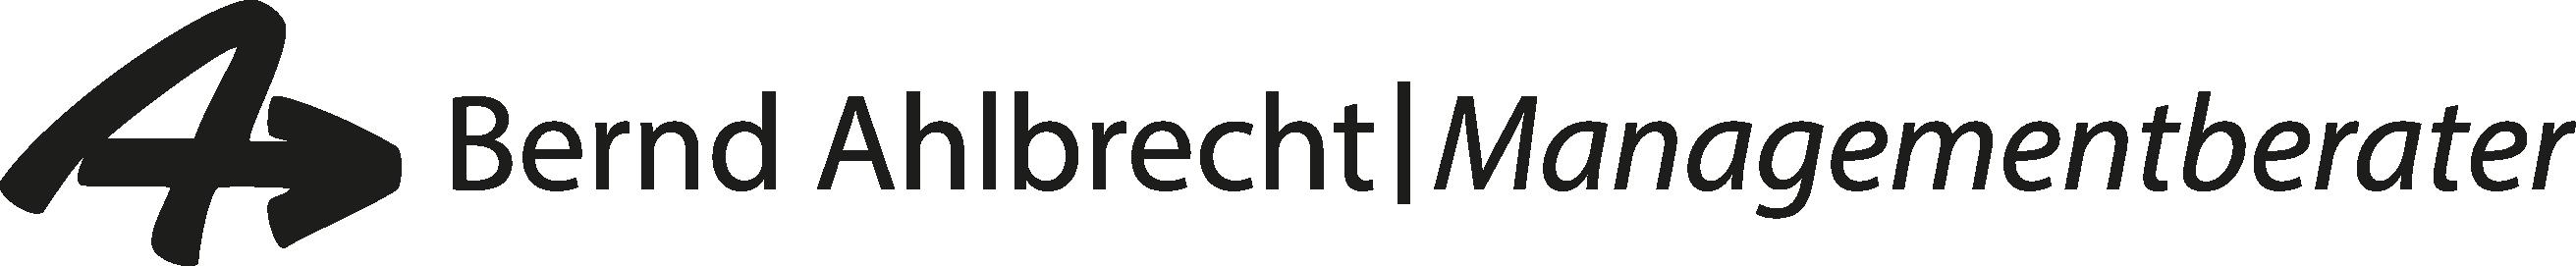 Bernd Ahlbrecht & Partner